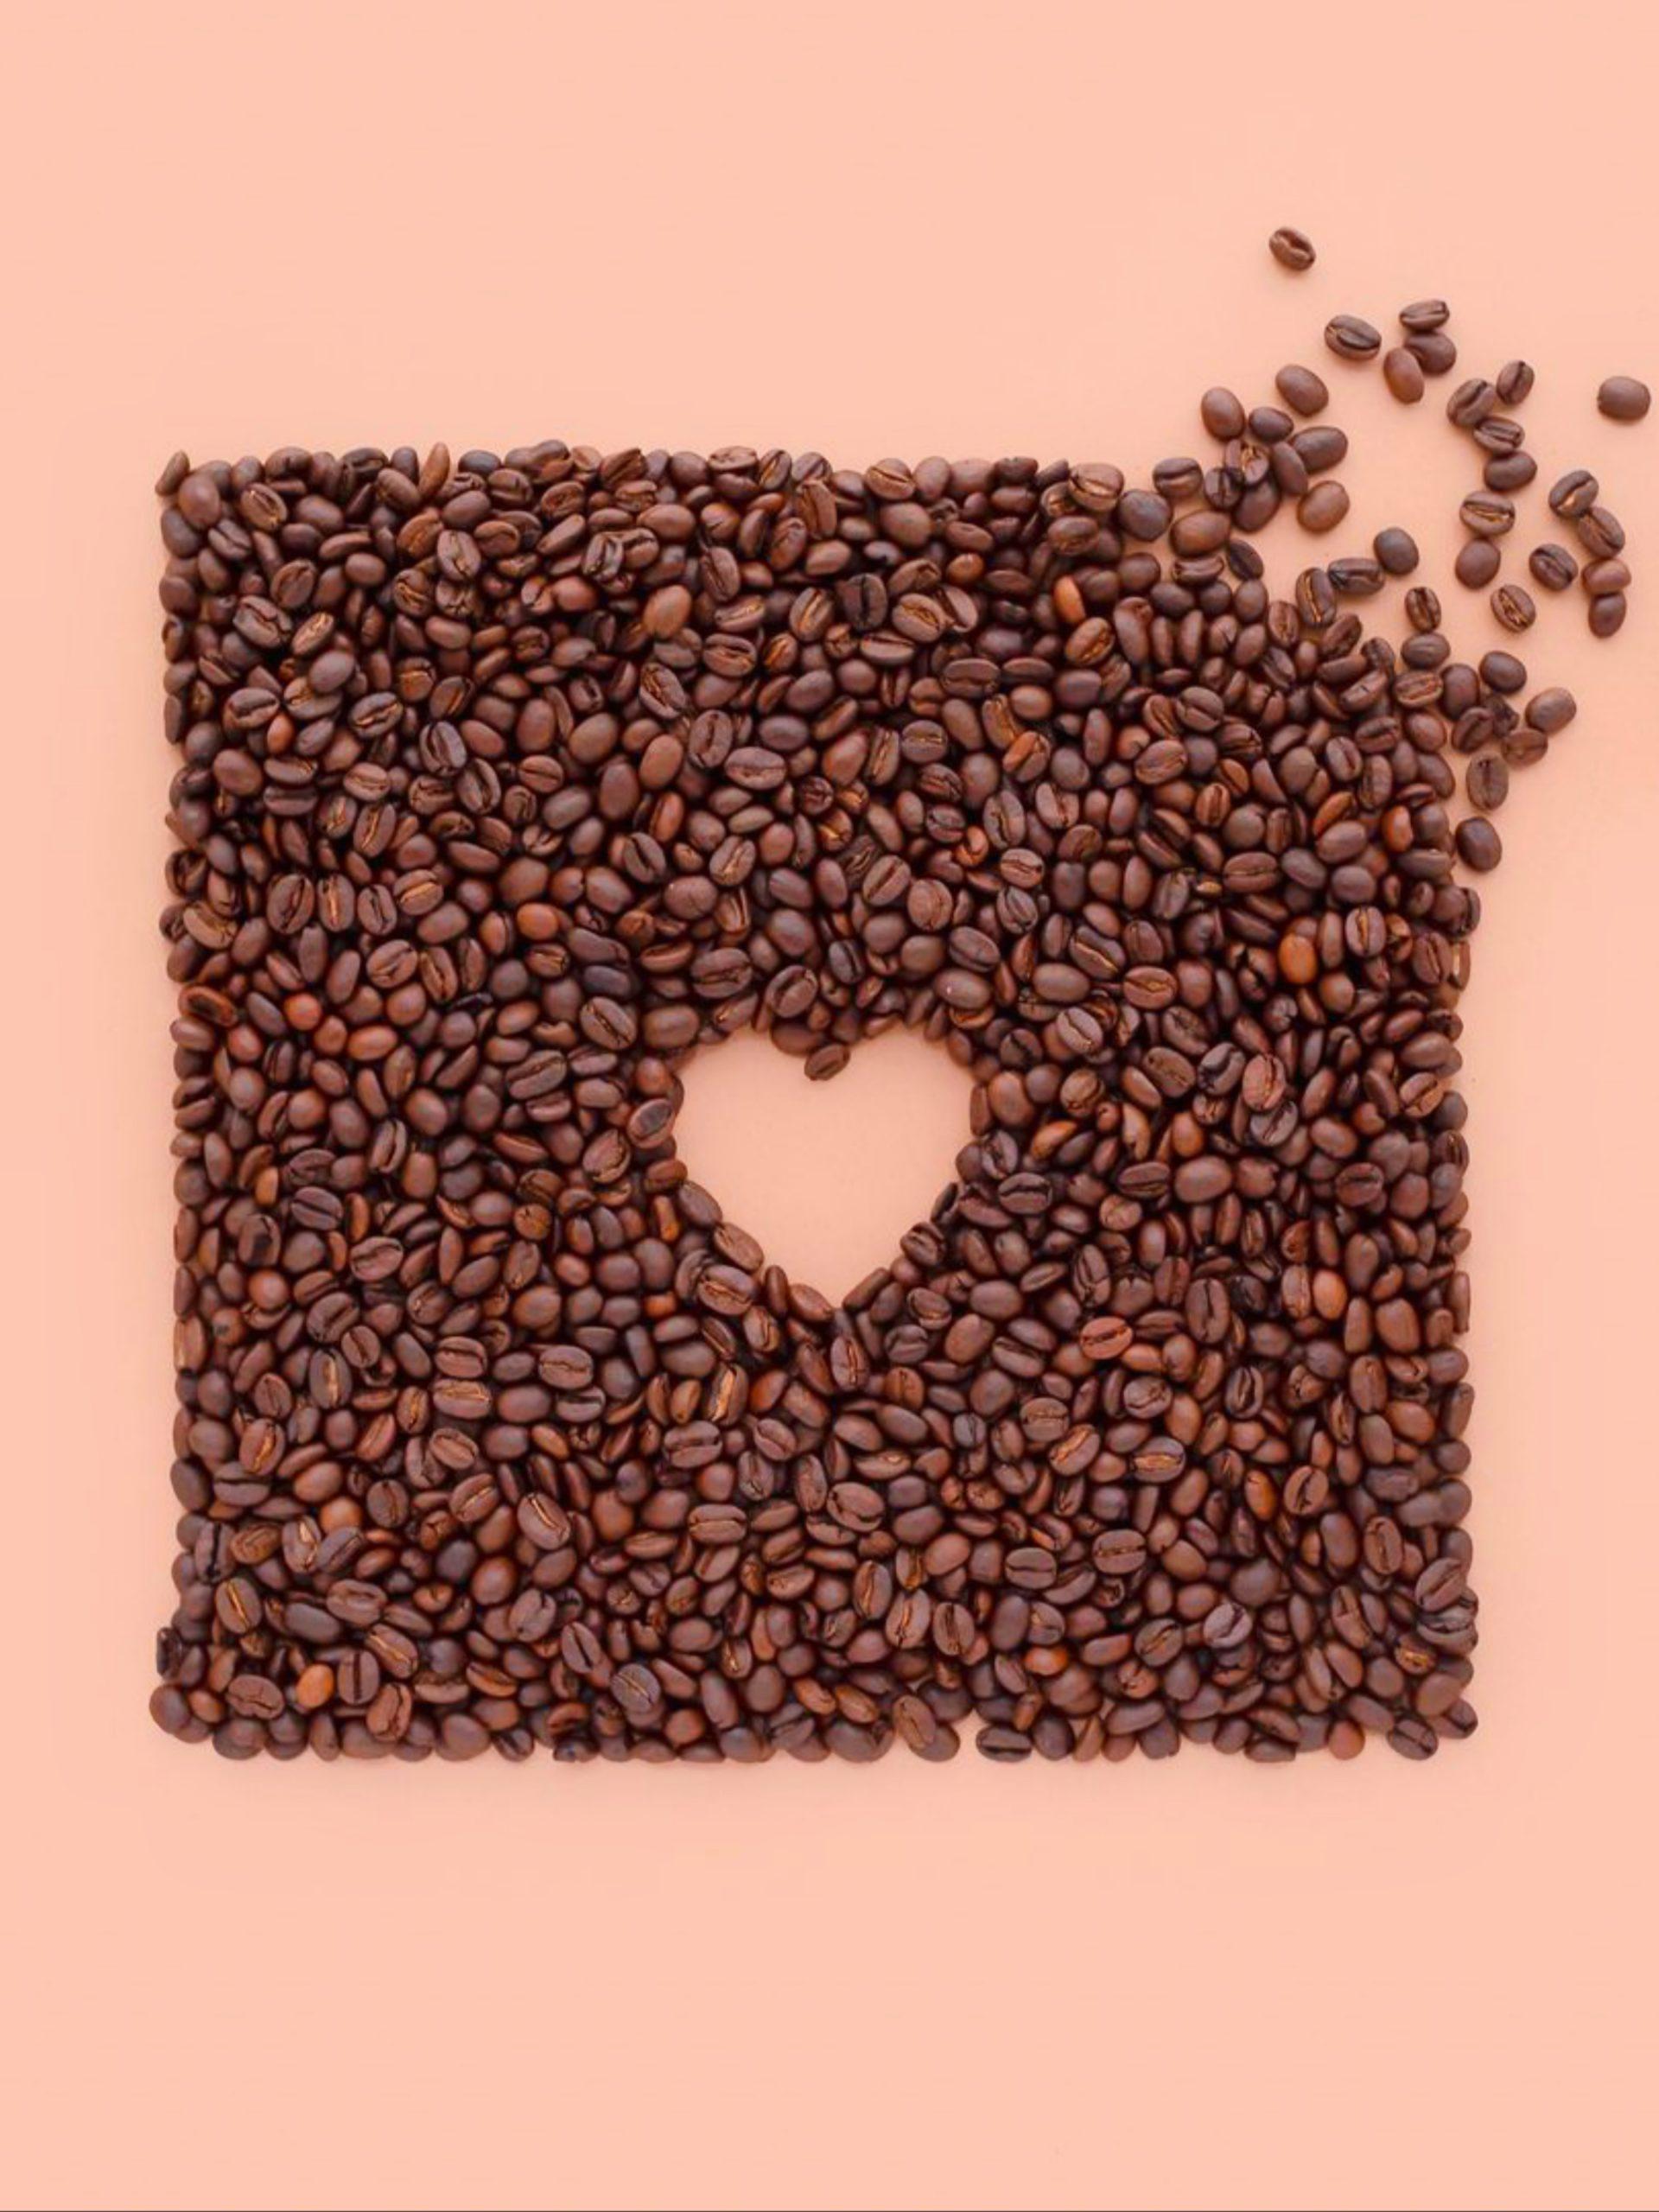 Heart shape in Coffee seeds